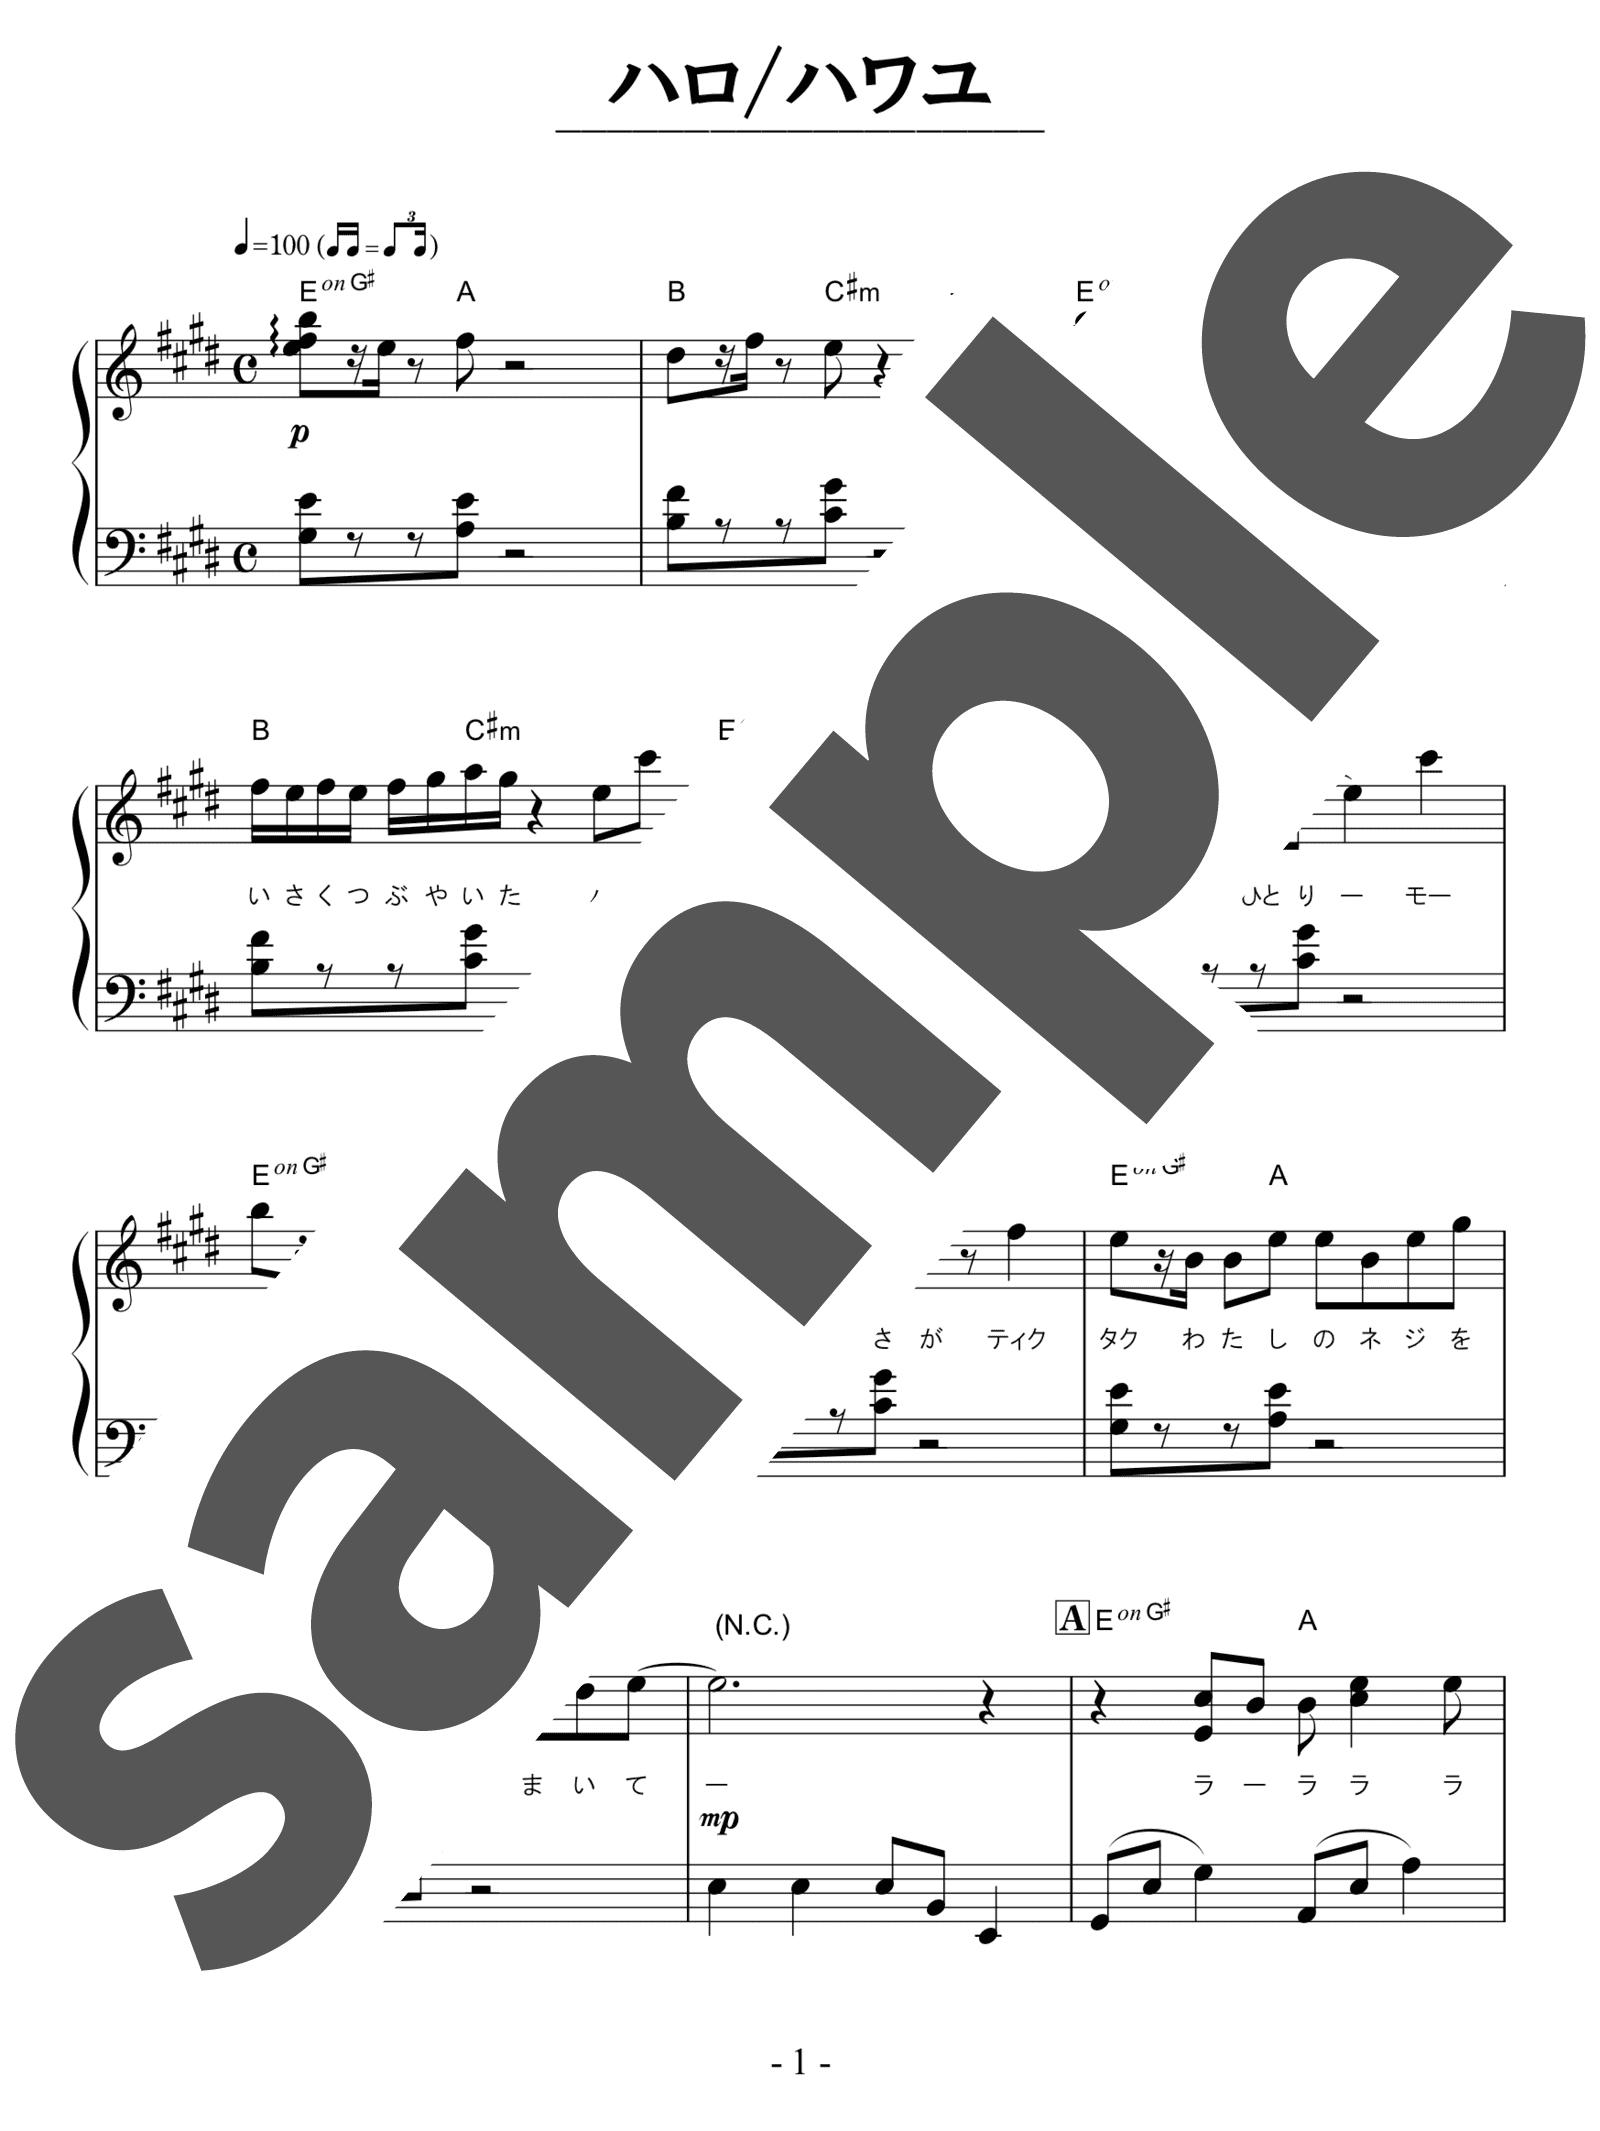 「ハロ/ハワユ」のサンプル楽譜